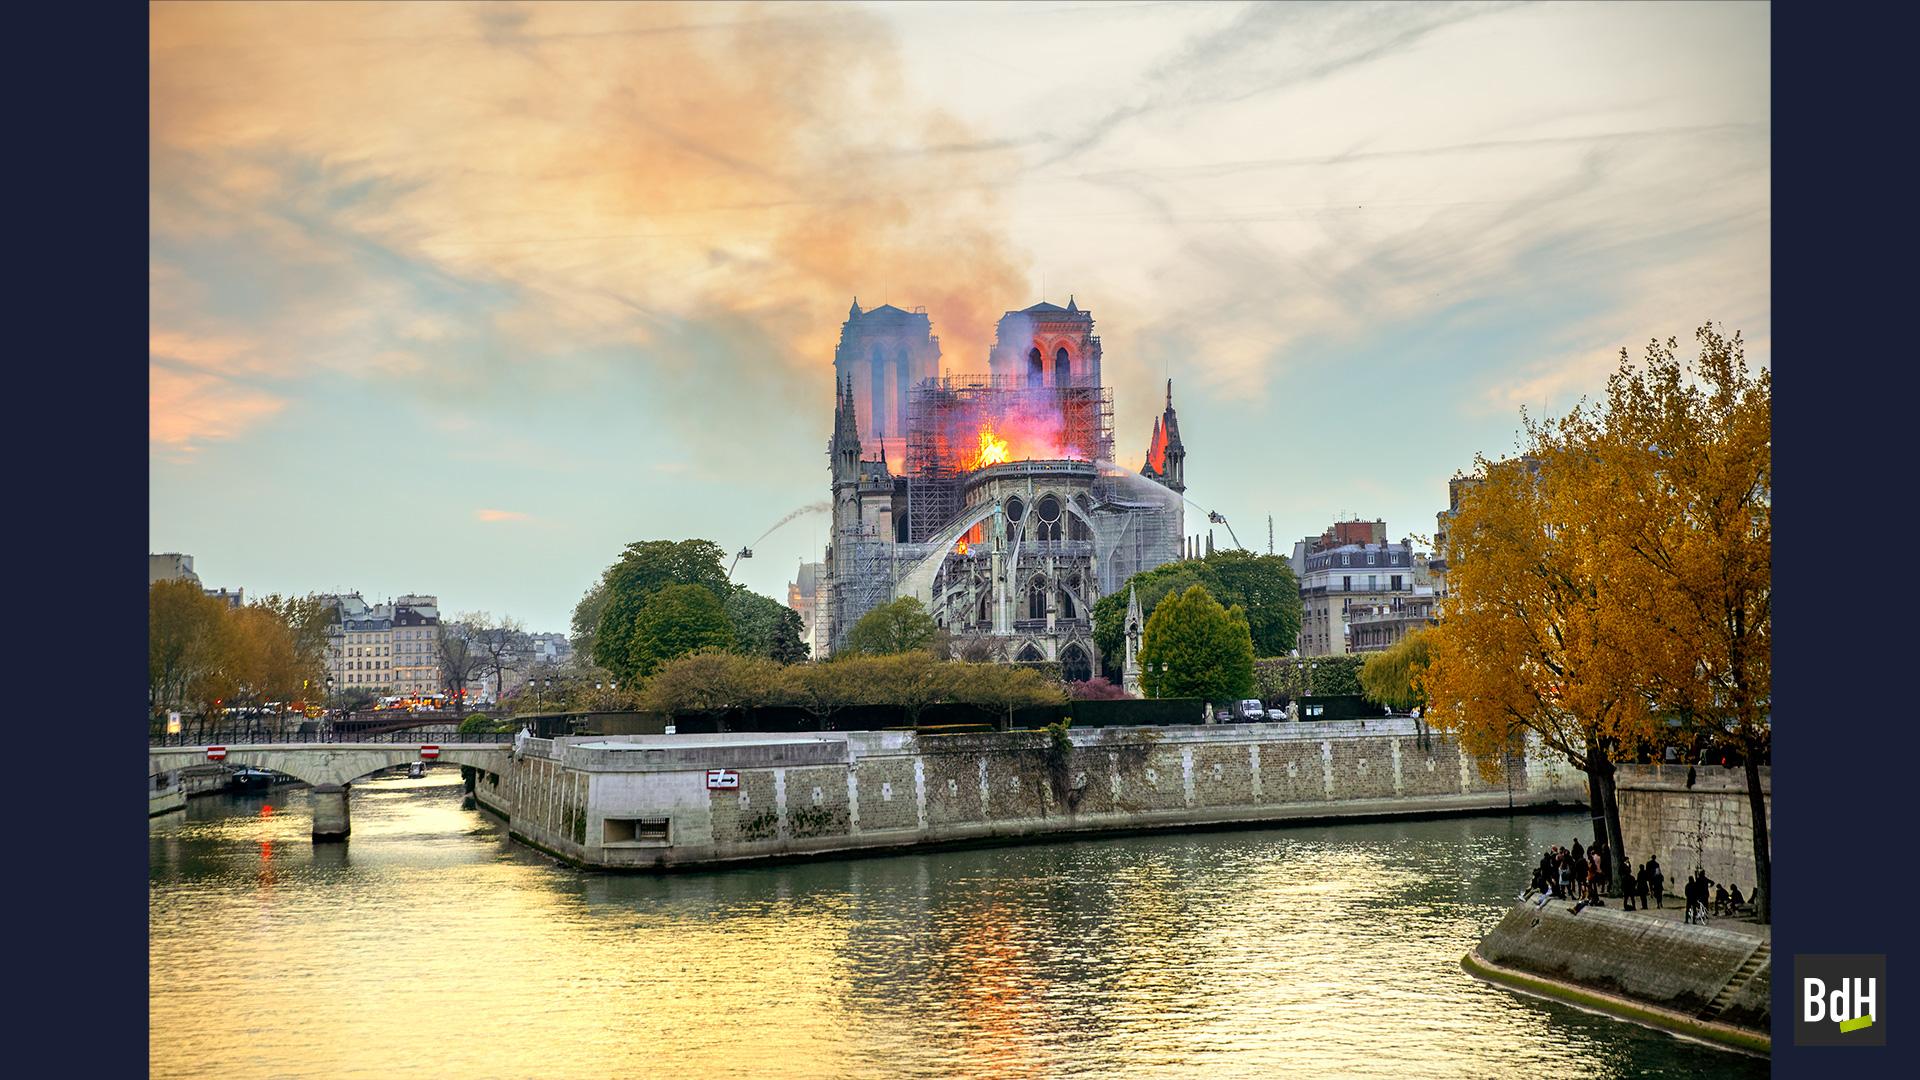 L'incendie de la Cathédrale Notre-Dame lors de travaux de restauration, le 15 Avril 2019 à Paris,